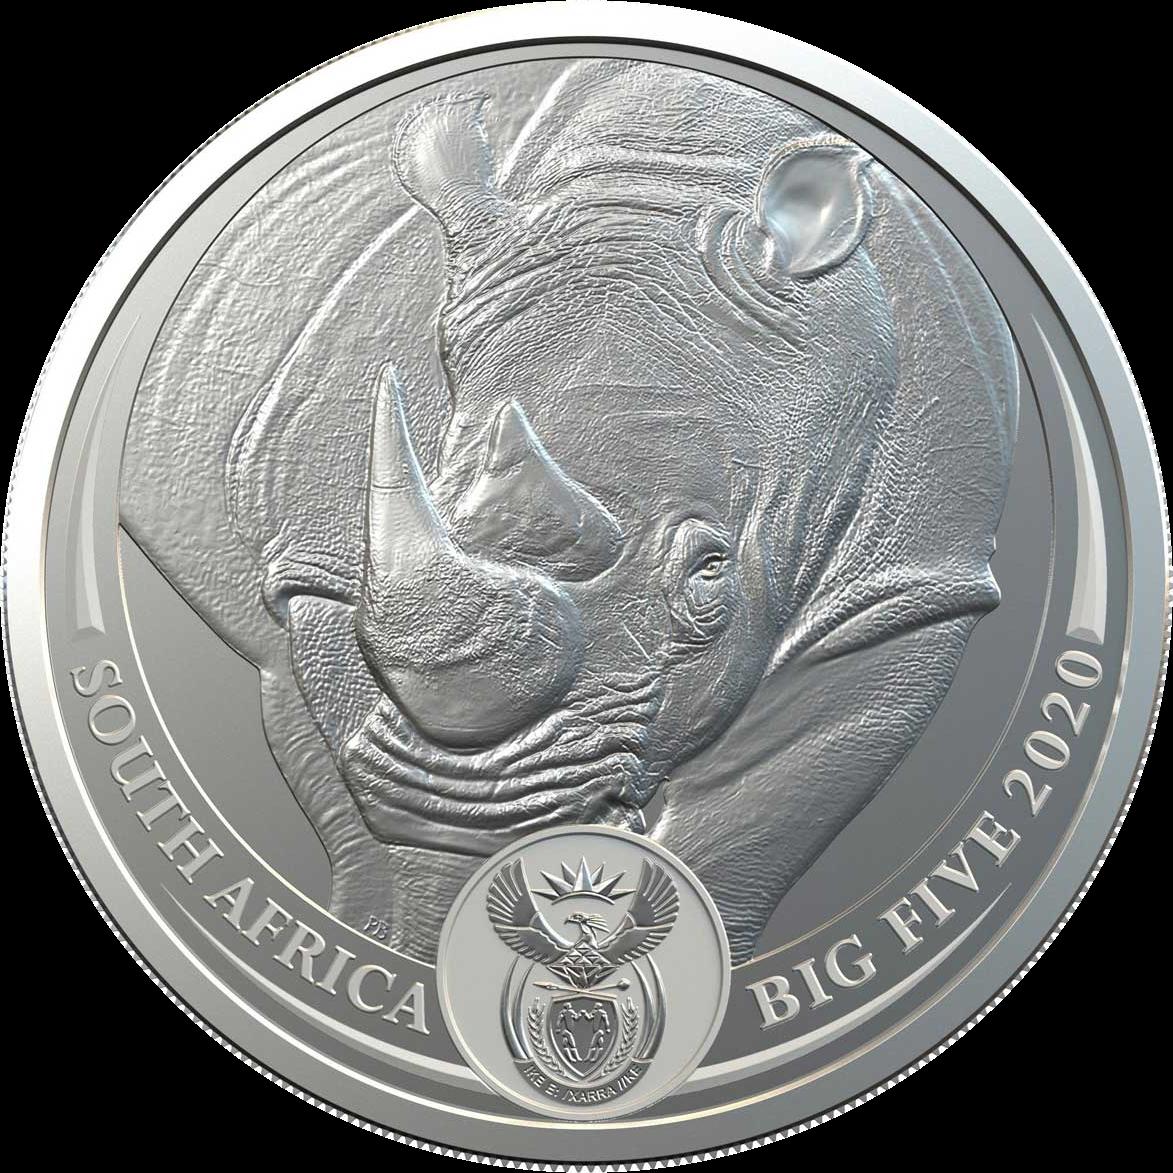 ЮАР монета 5 рандов Носорог, аверс